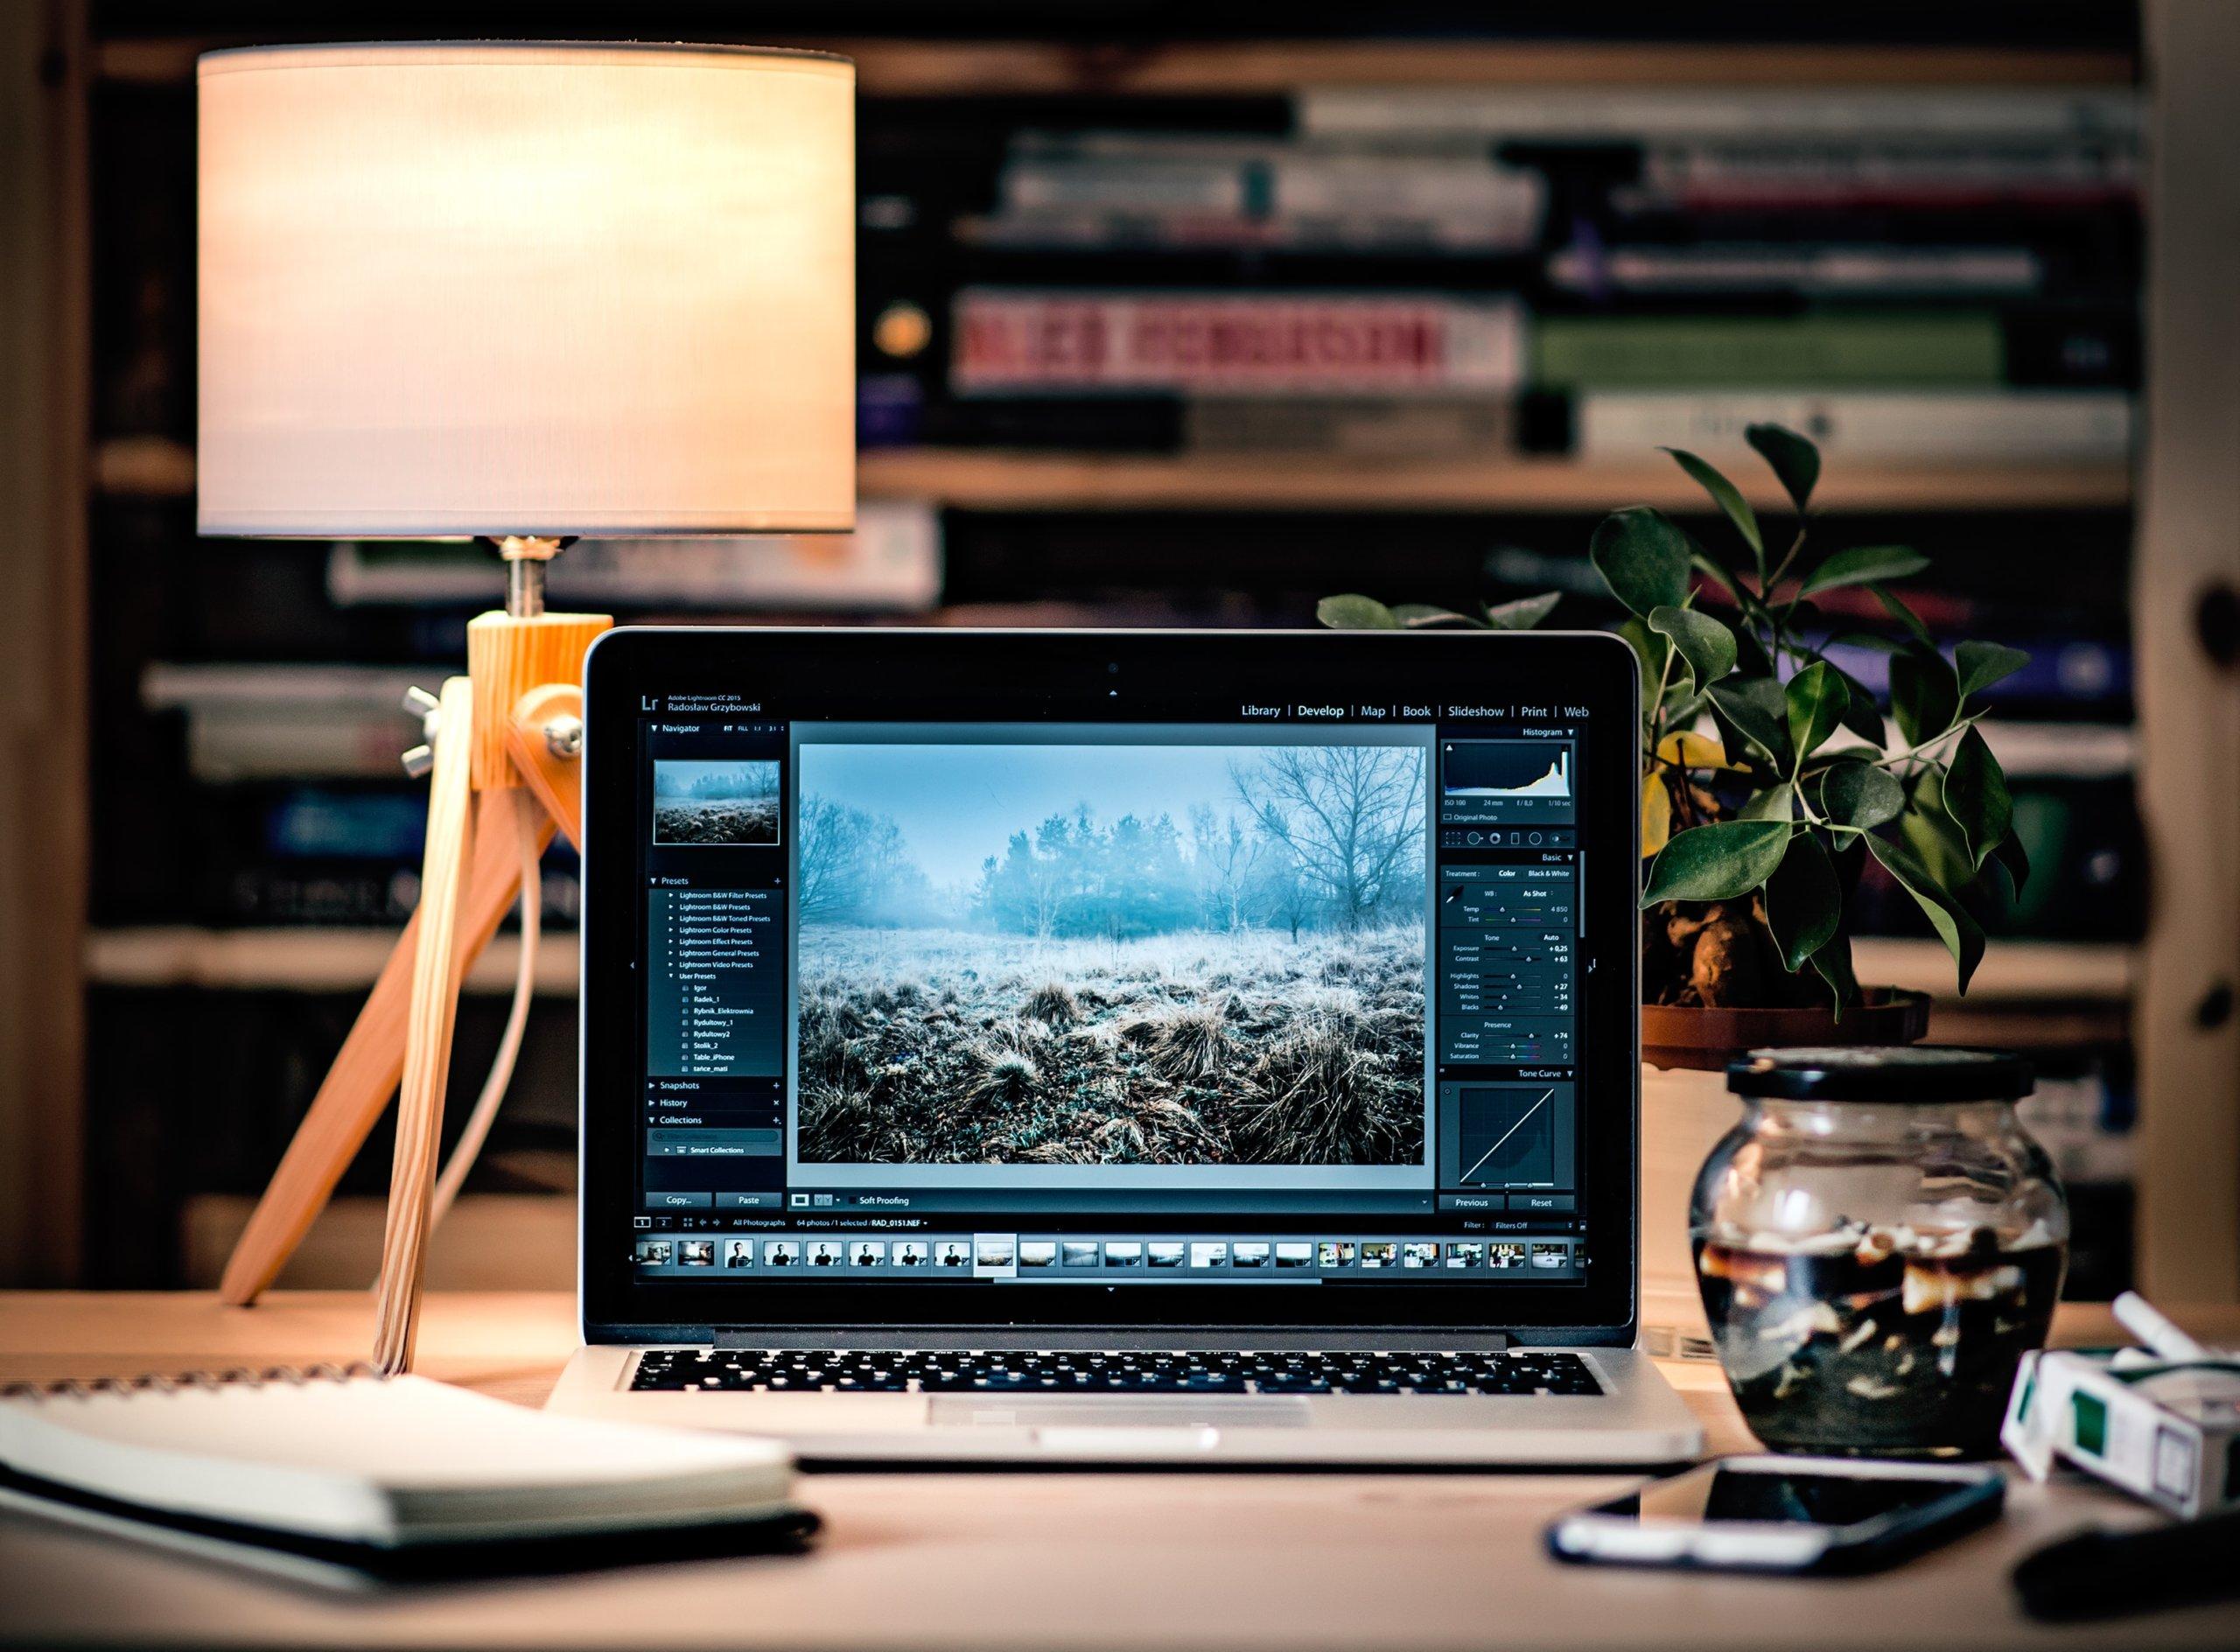 AutoCAD,AutoCAD LTで表を作成する方法や編集の参考画像